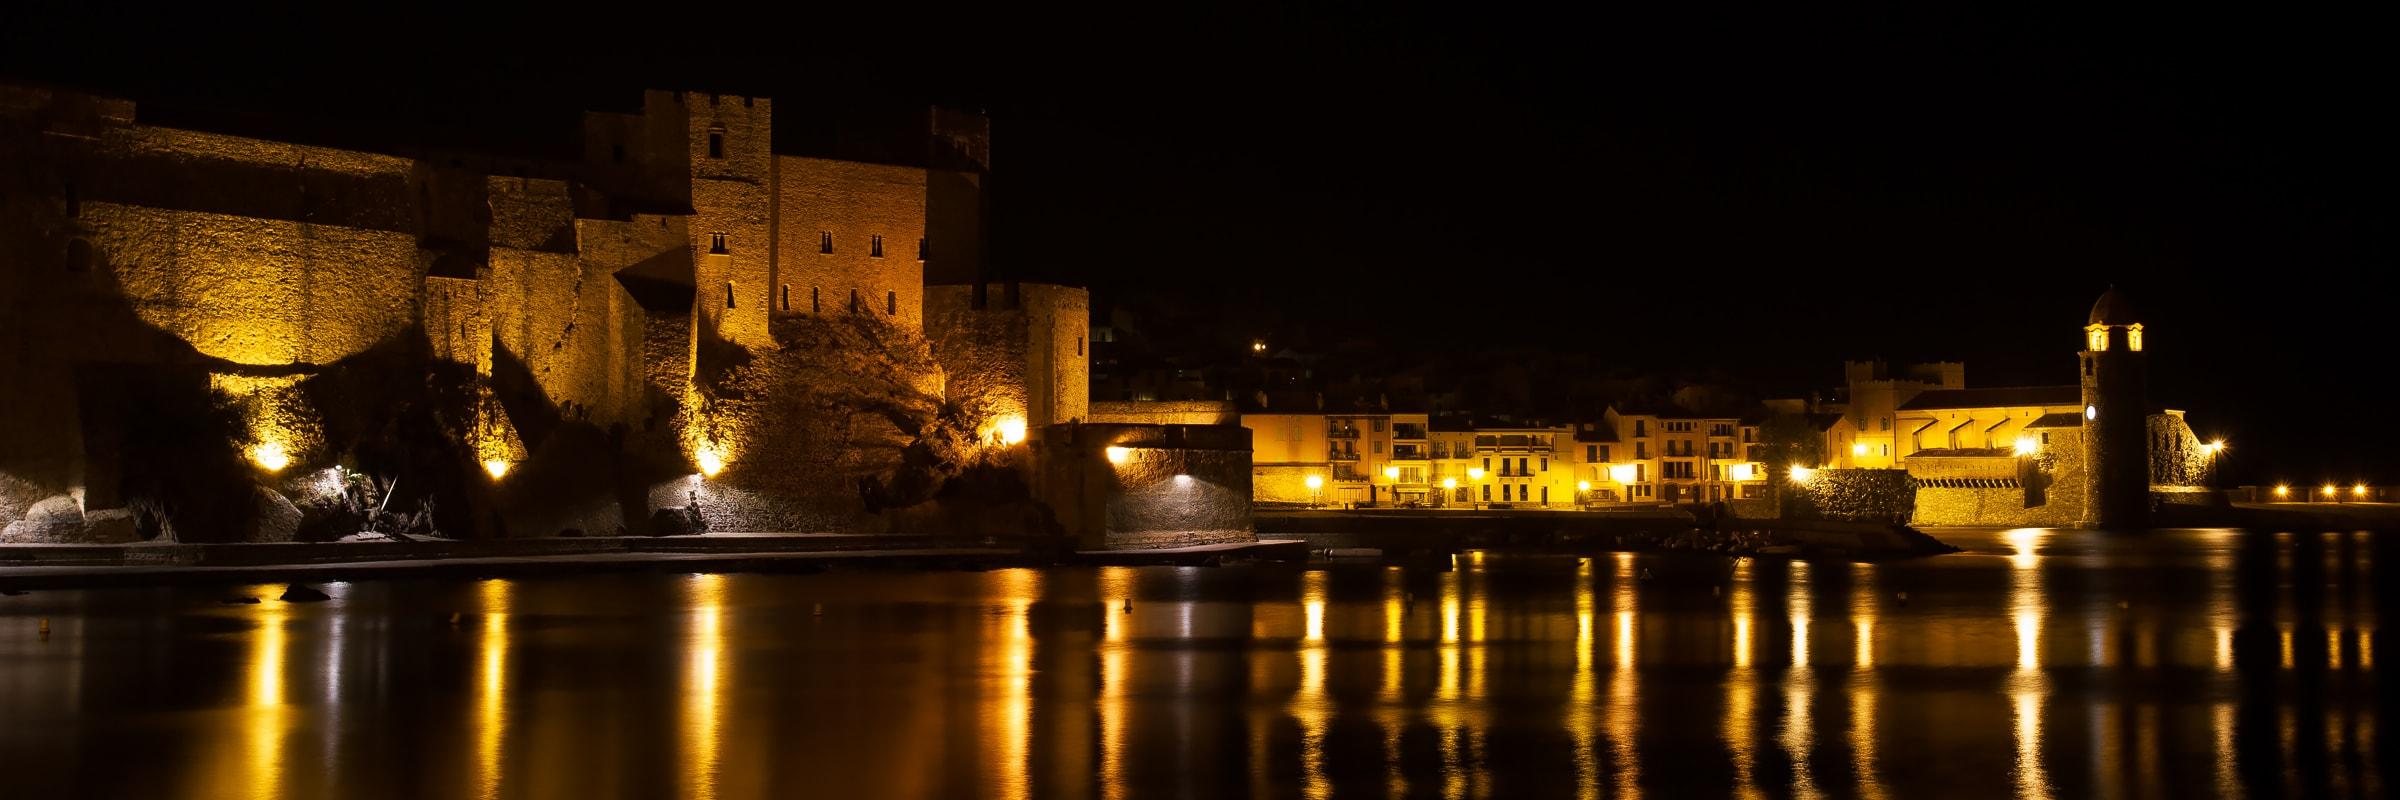 Nuit noire à Collioure